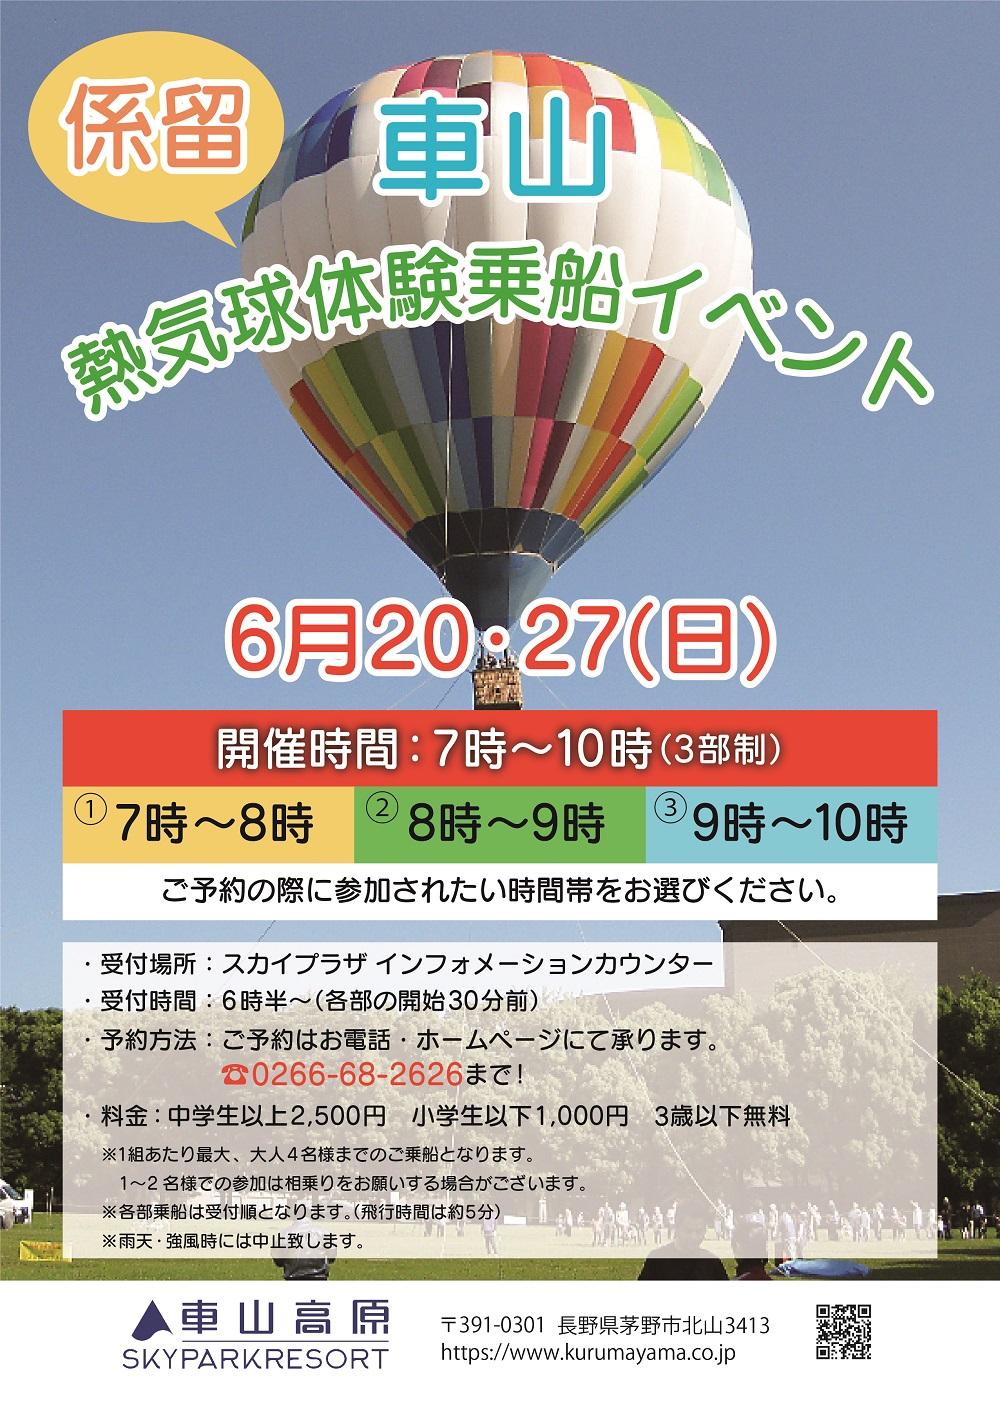 車山高原 熱気球体験乗船イベント